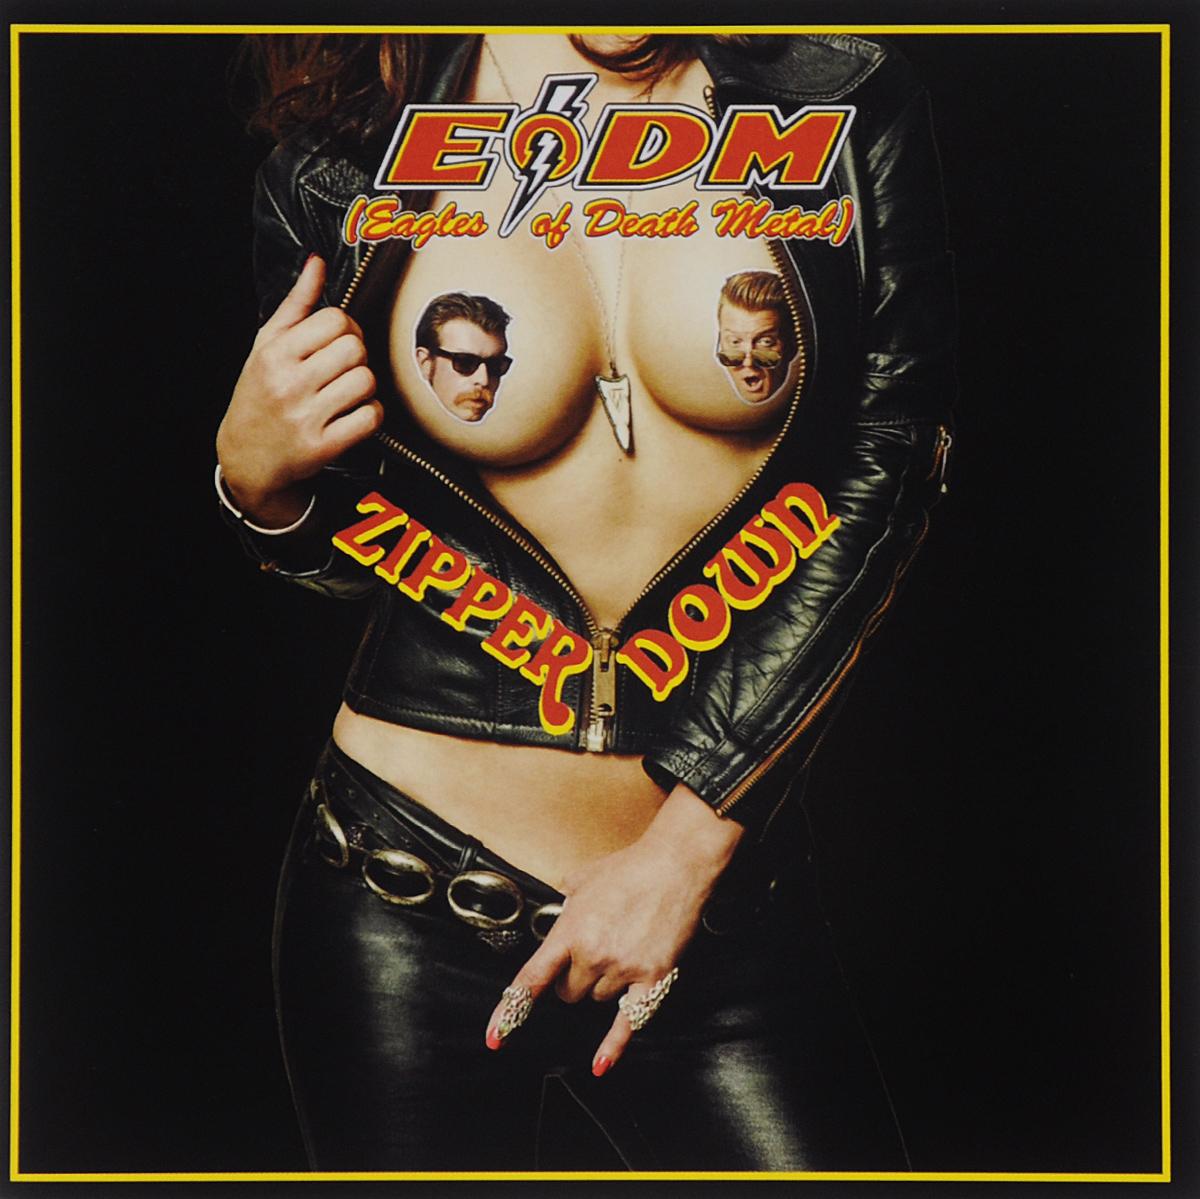 EODM EODM (Eagles of Death Metal). Zipper Down